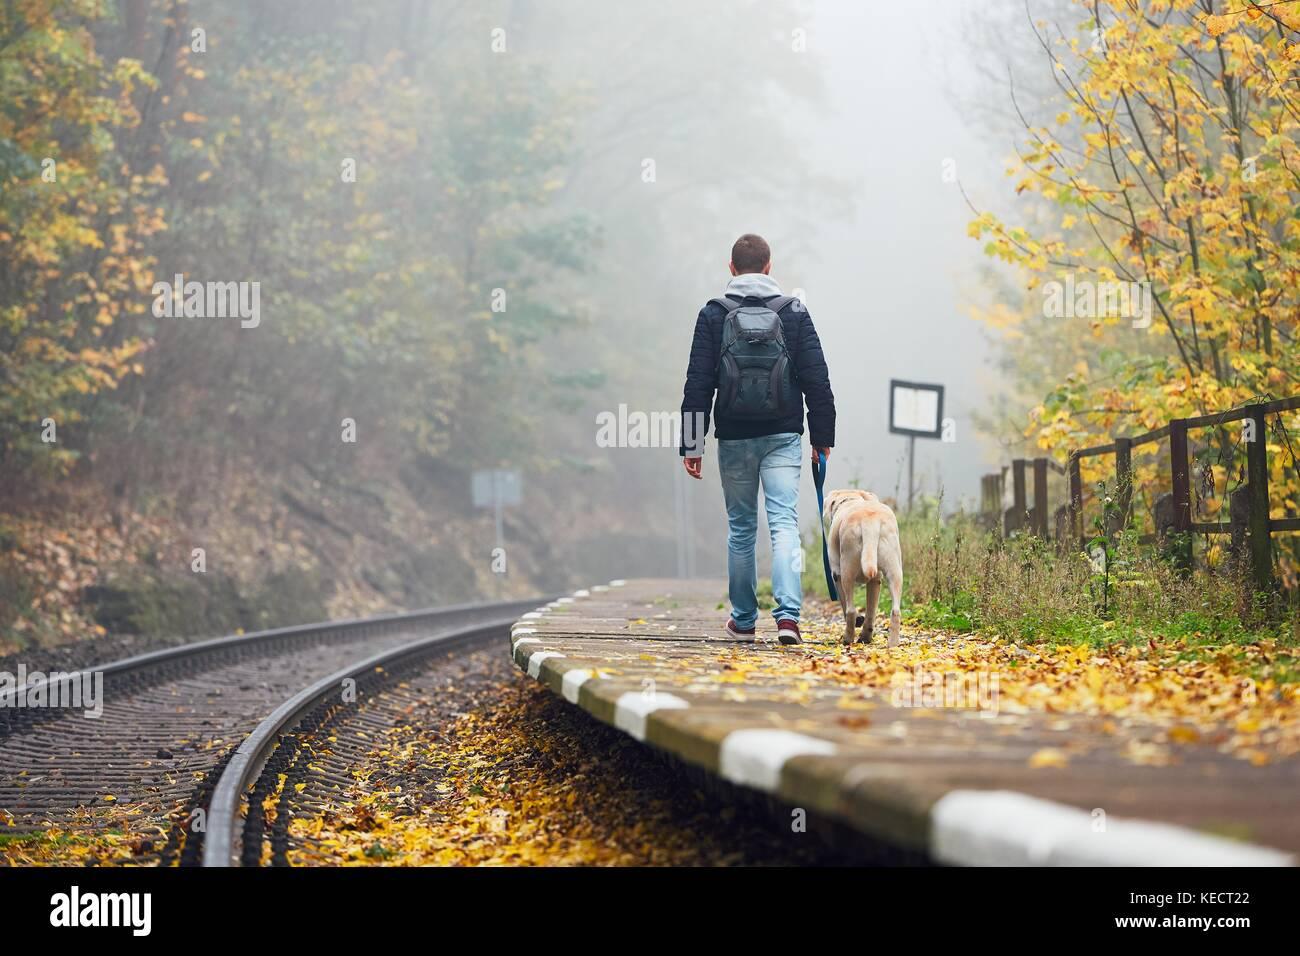 La antigua estación de otoño en la niebla. El estado de ánimo en el viaje. joven con su perro viajar Imagen De Stock